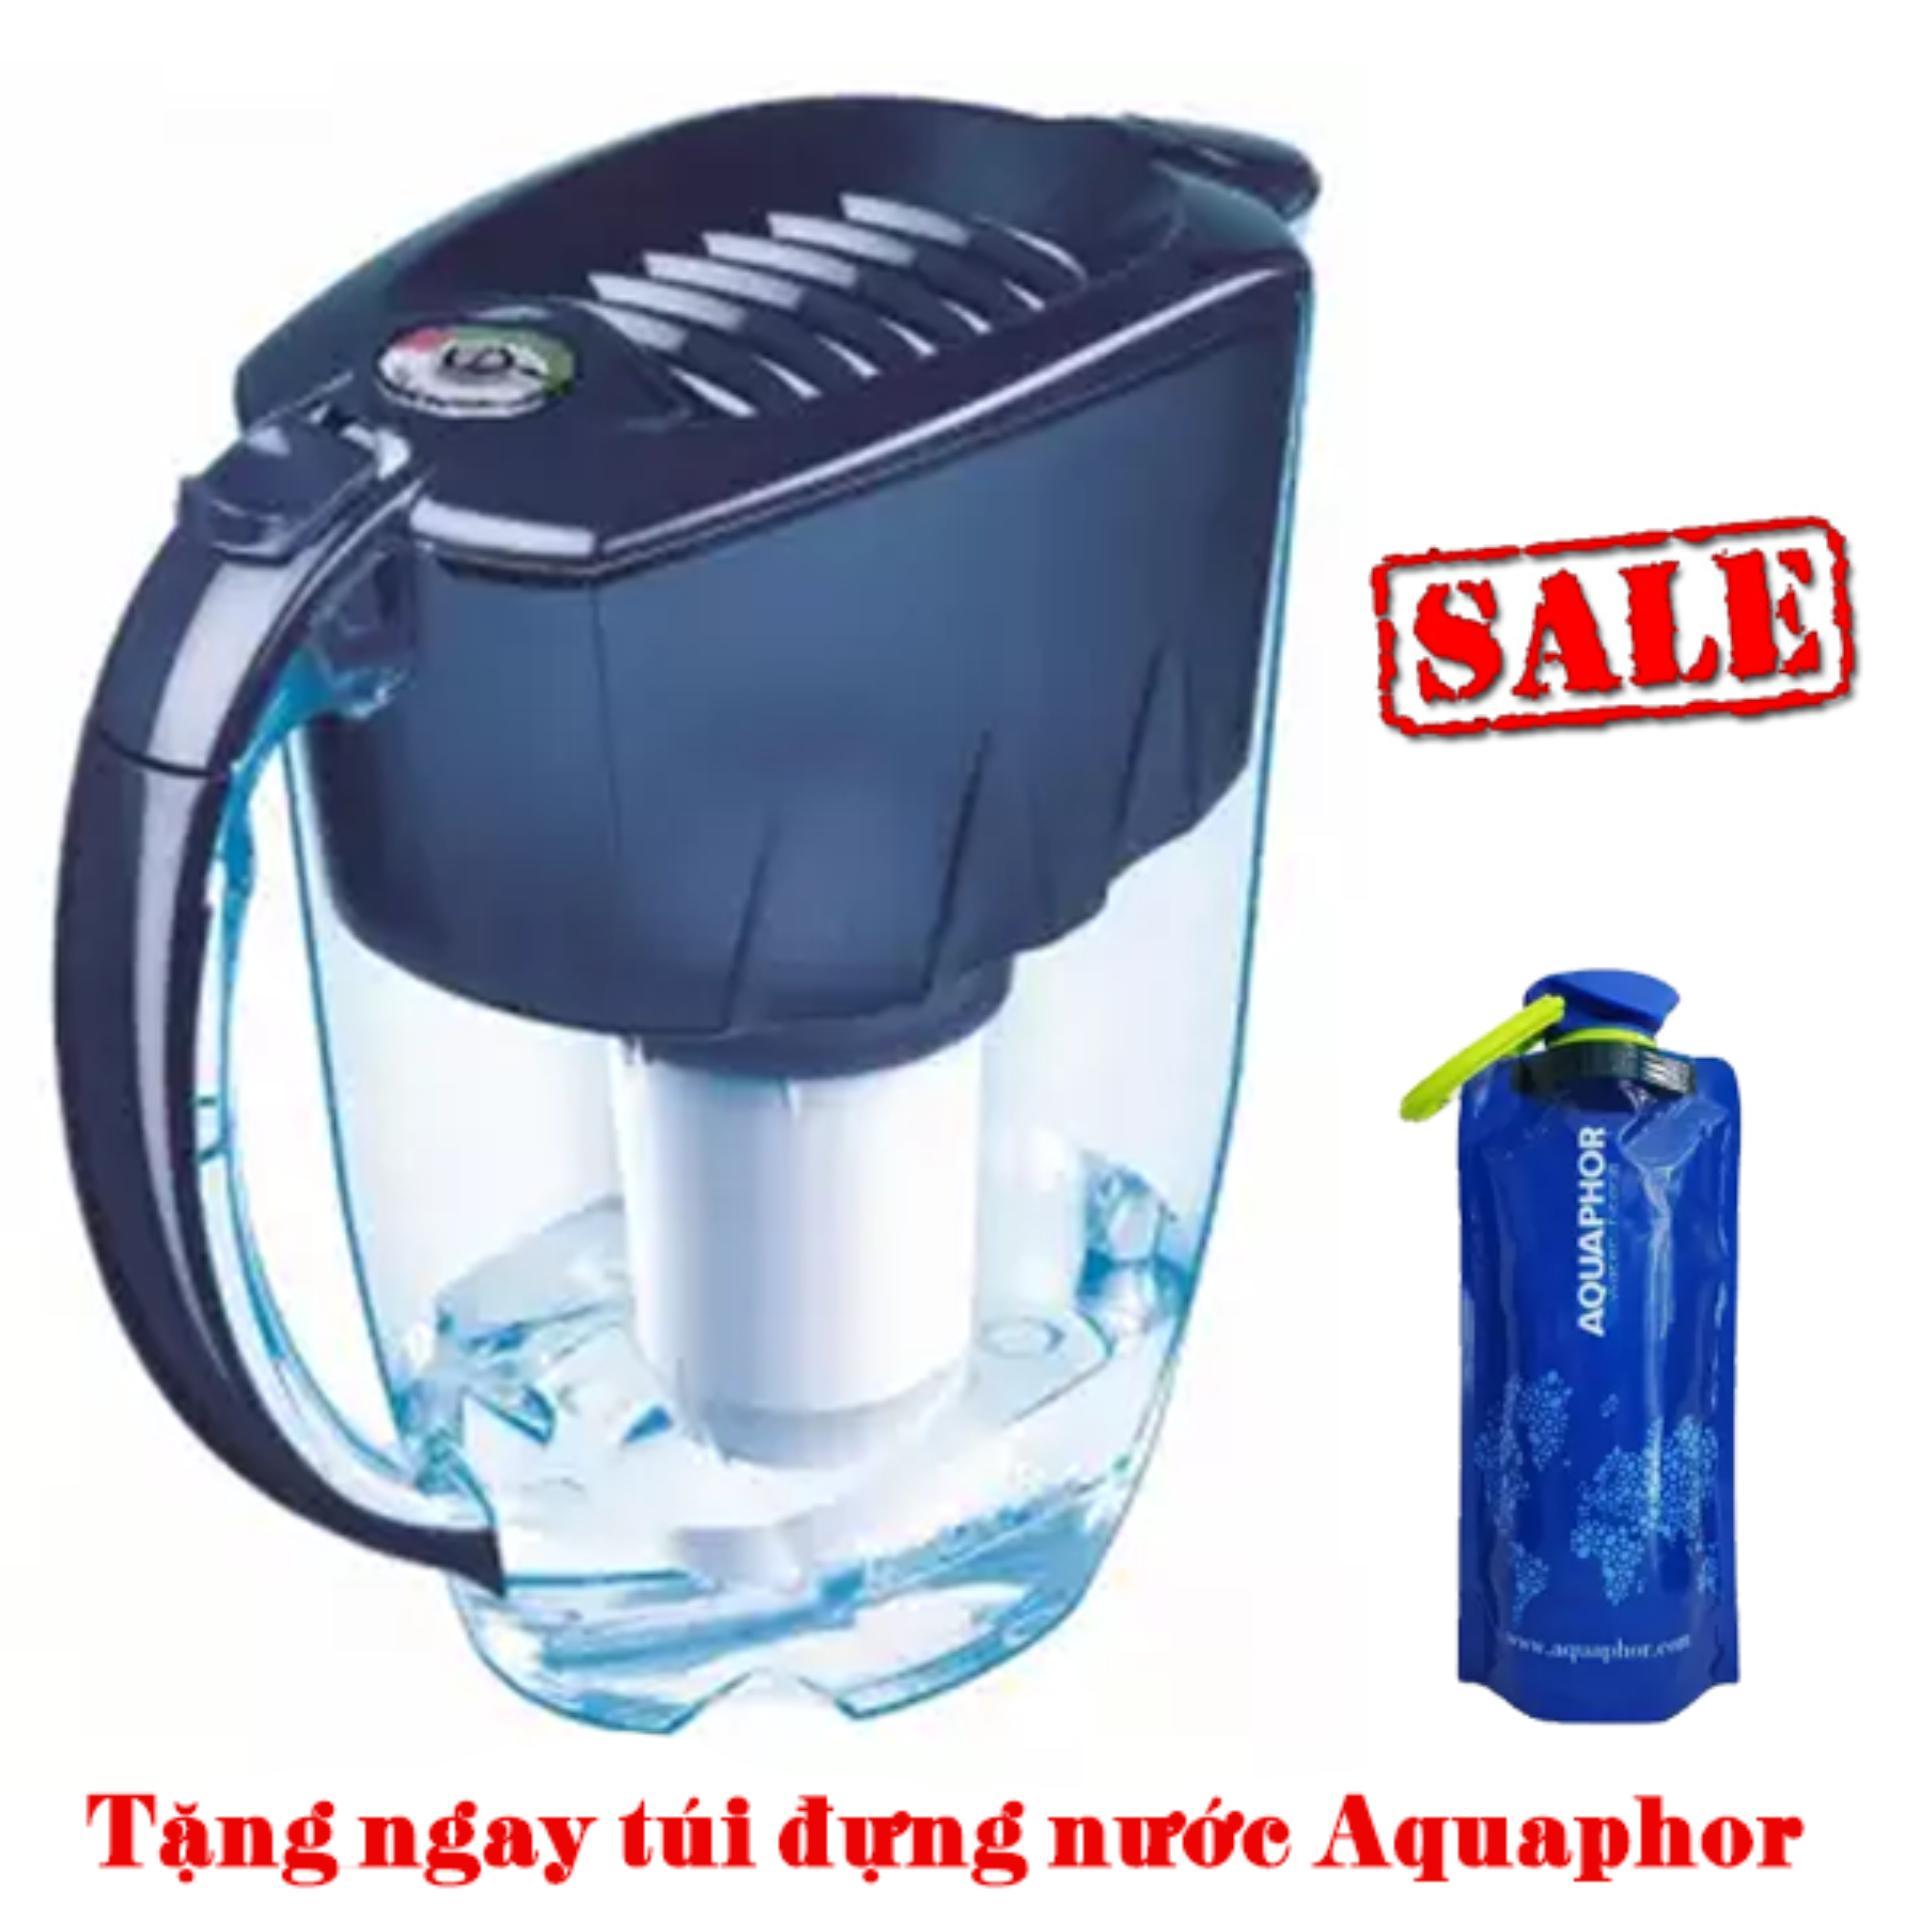 Hình ảnh Bình lọc nước cao cấp Aquaphor Prestige đồng hồ cơ